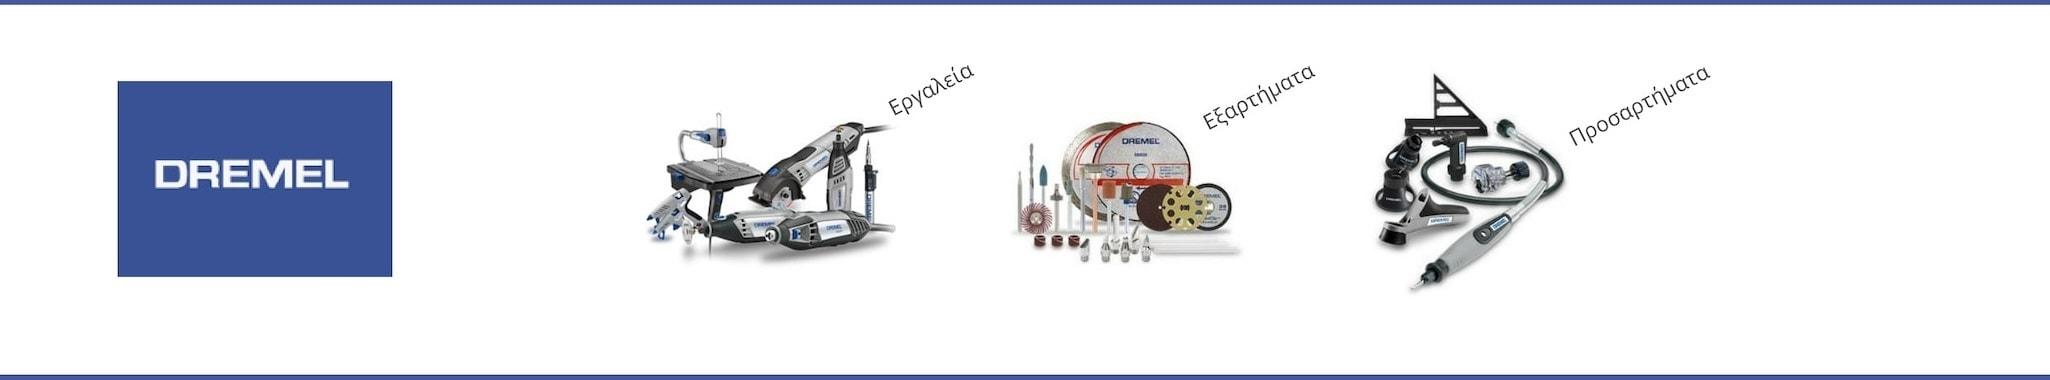 <a href='https://www.saragoudas.gr/ell/categories/Dremel'>Dremel: Δείτε μεγάλη γκάμα από τα αυθεντικά εργαλεία και εξαρτήματα της αγαπημένης σας εταιρείας! </a>